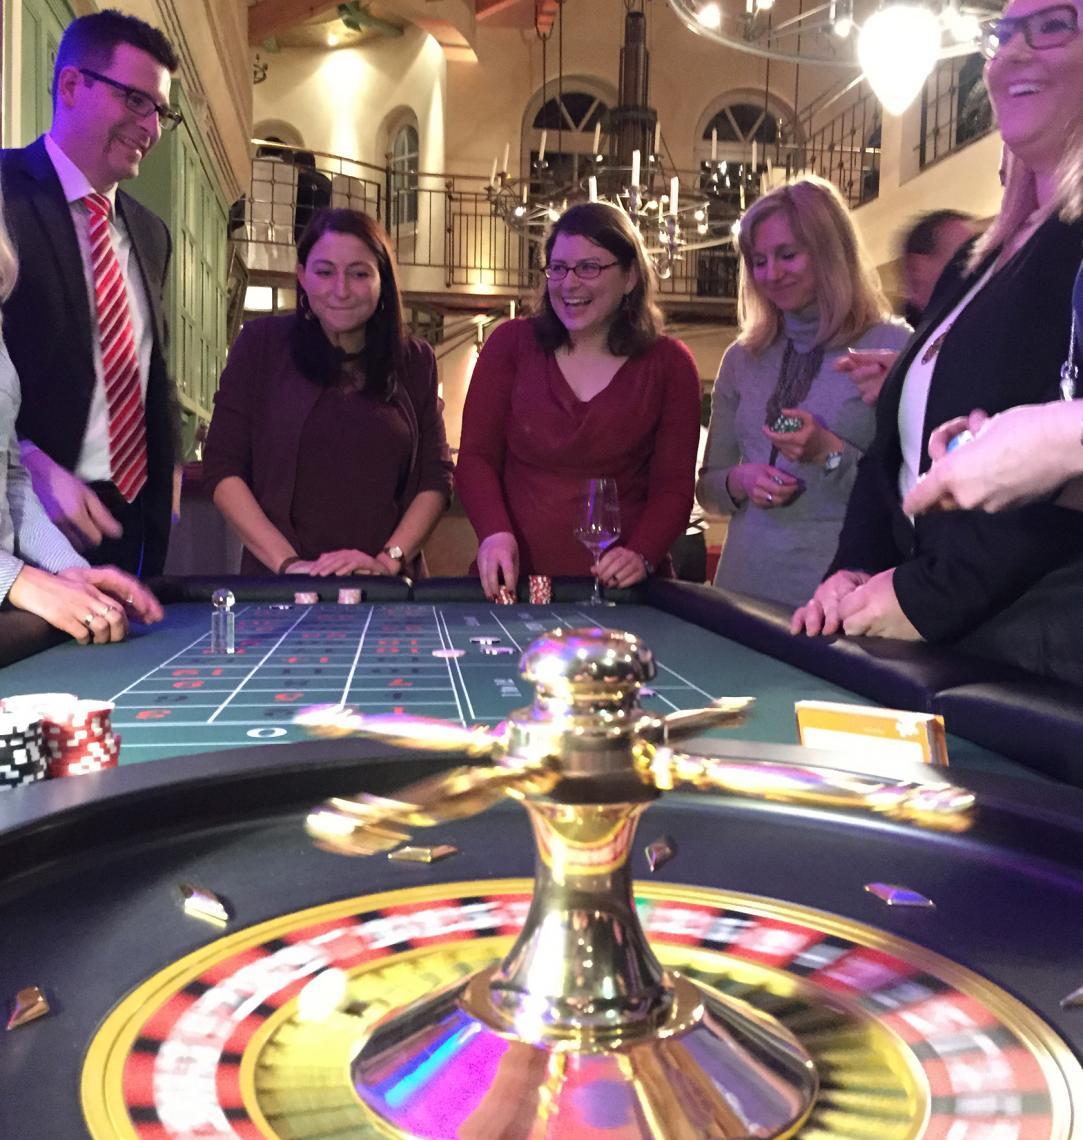 Das Falschspieler-Glücksroulette Das Falschspieler-Glücksroulette ist nicht einfach nur ein mobiles Casino sondern viel mehr! Als Messetool ist das Falschspieler-Glücksroulette ein gebrandetes Highlight um Ihr Unternehmen oder Ihr Produkt wirkungsvoll in Szene zu setzen!